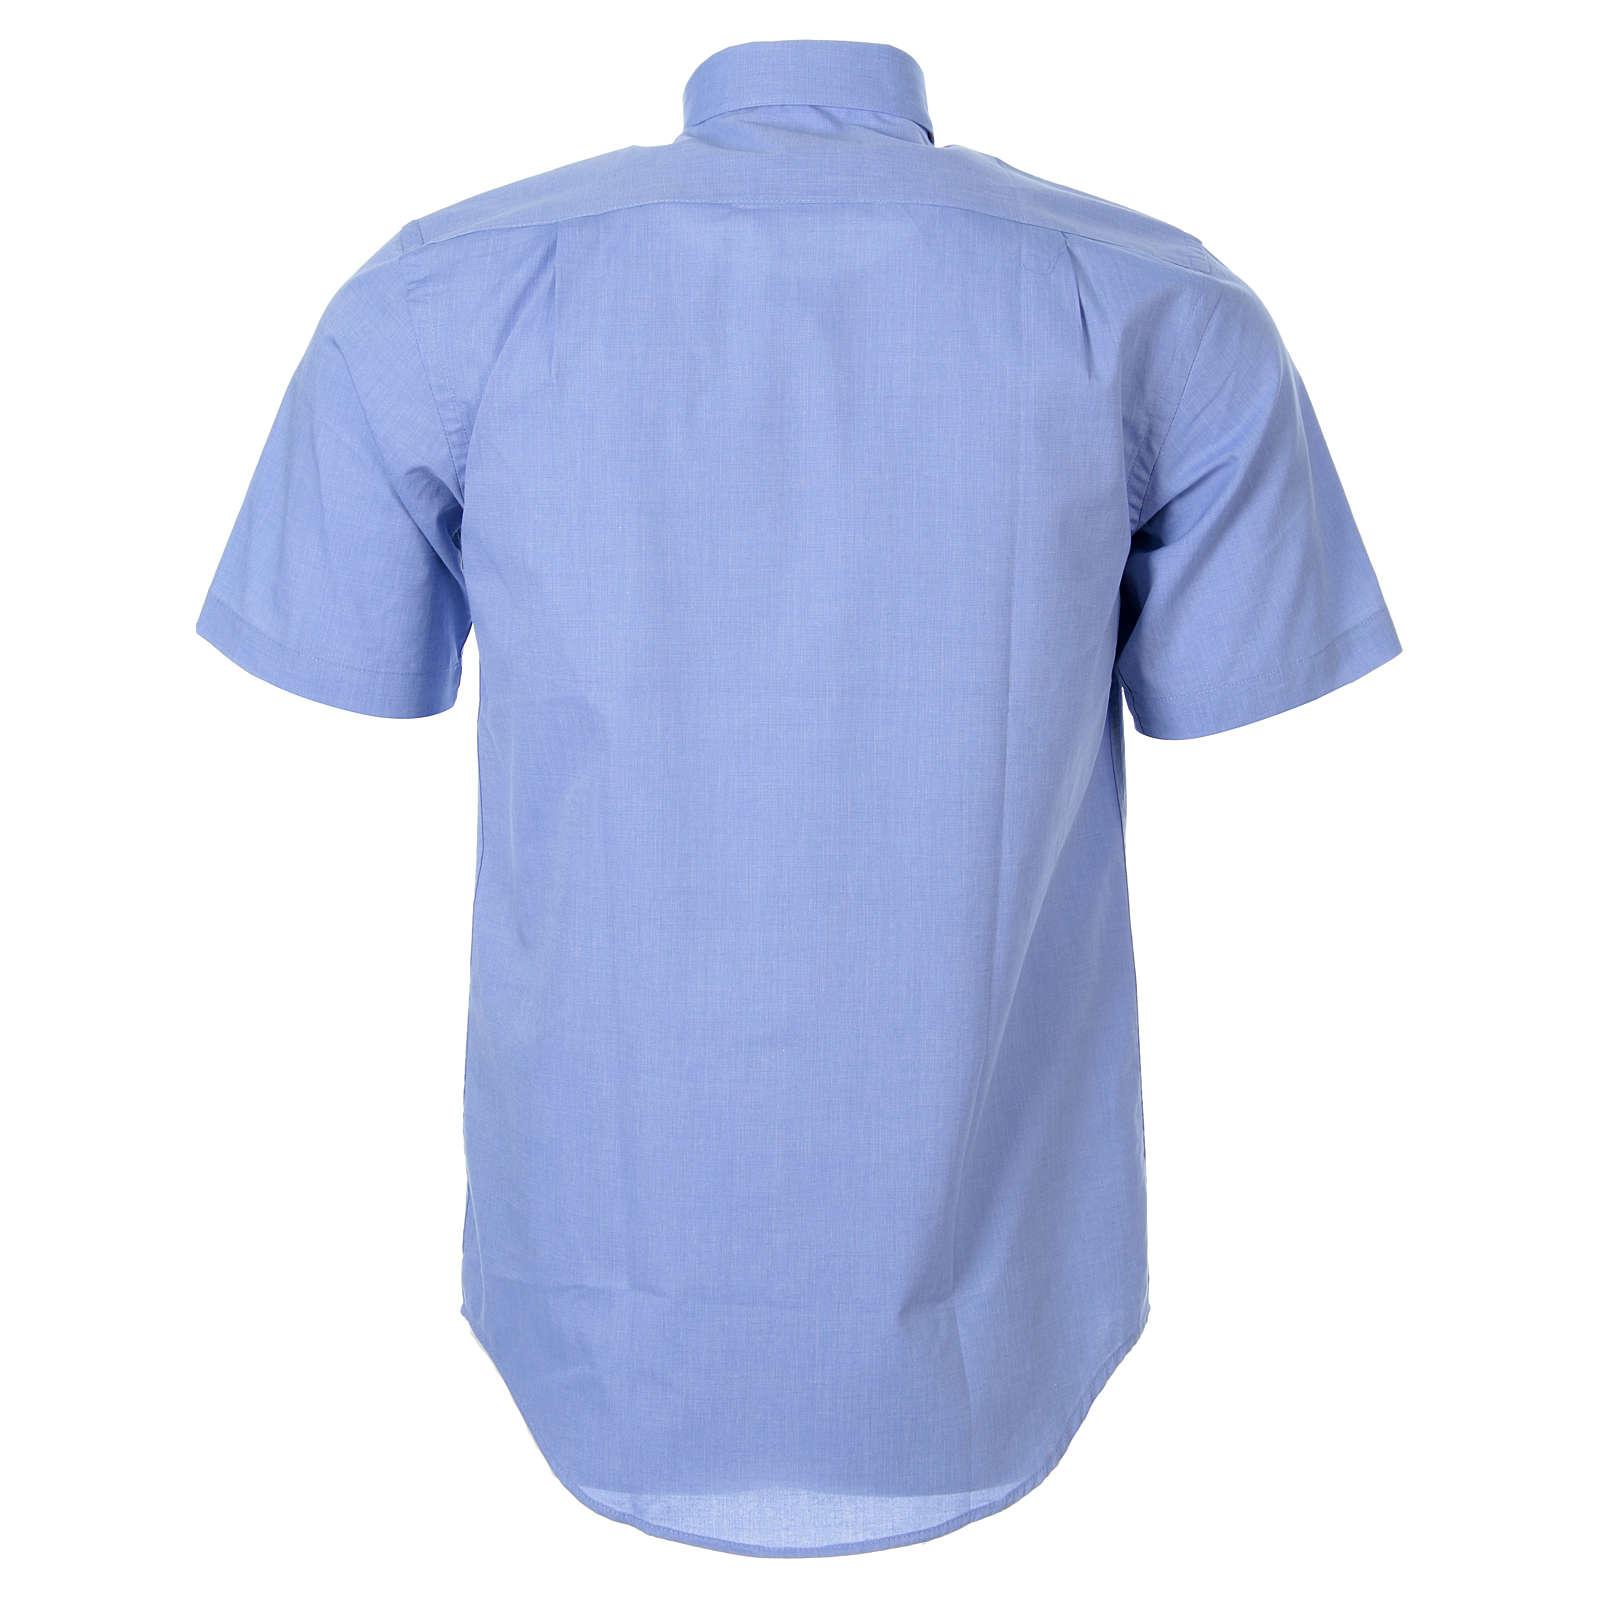 STOCK Koszula kapłańska krótki rękaw filafil błękitna 4